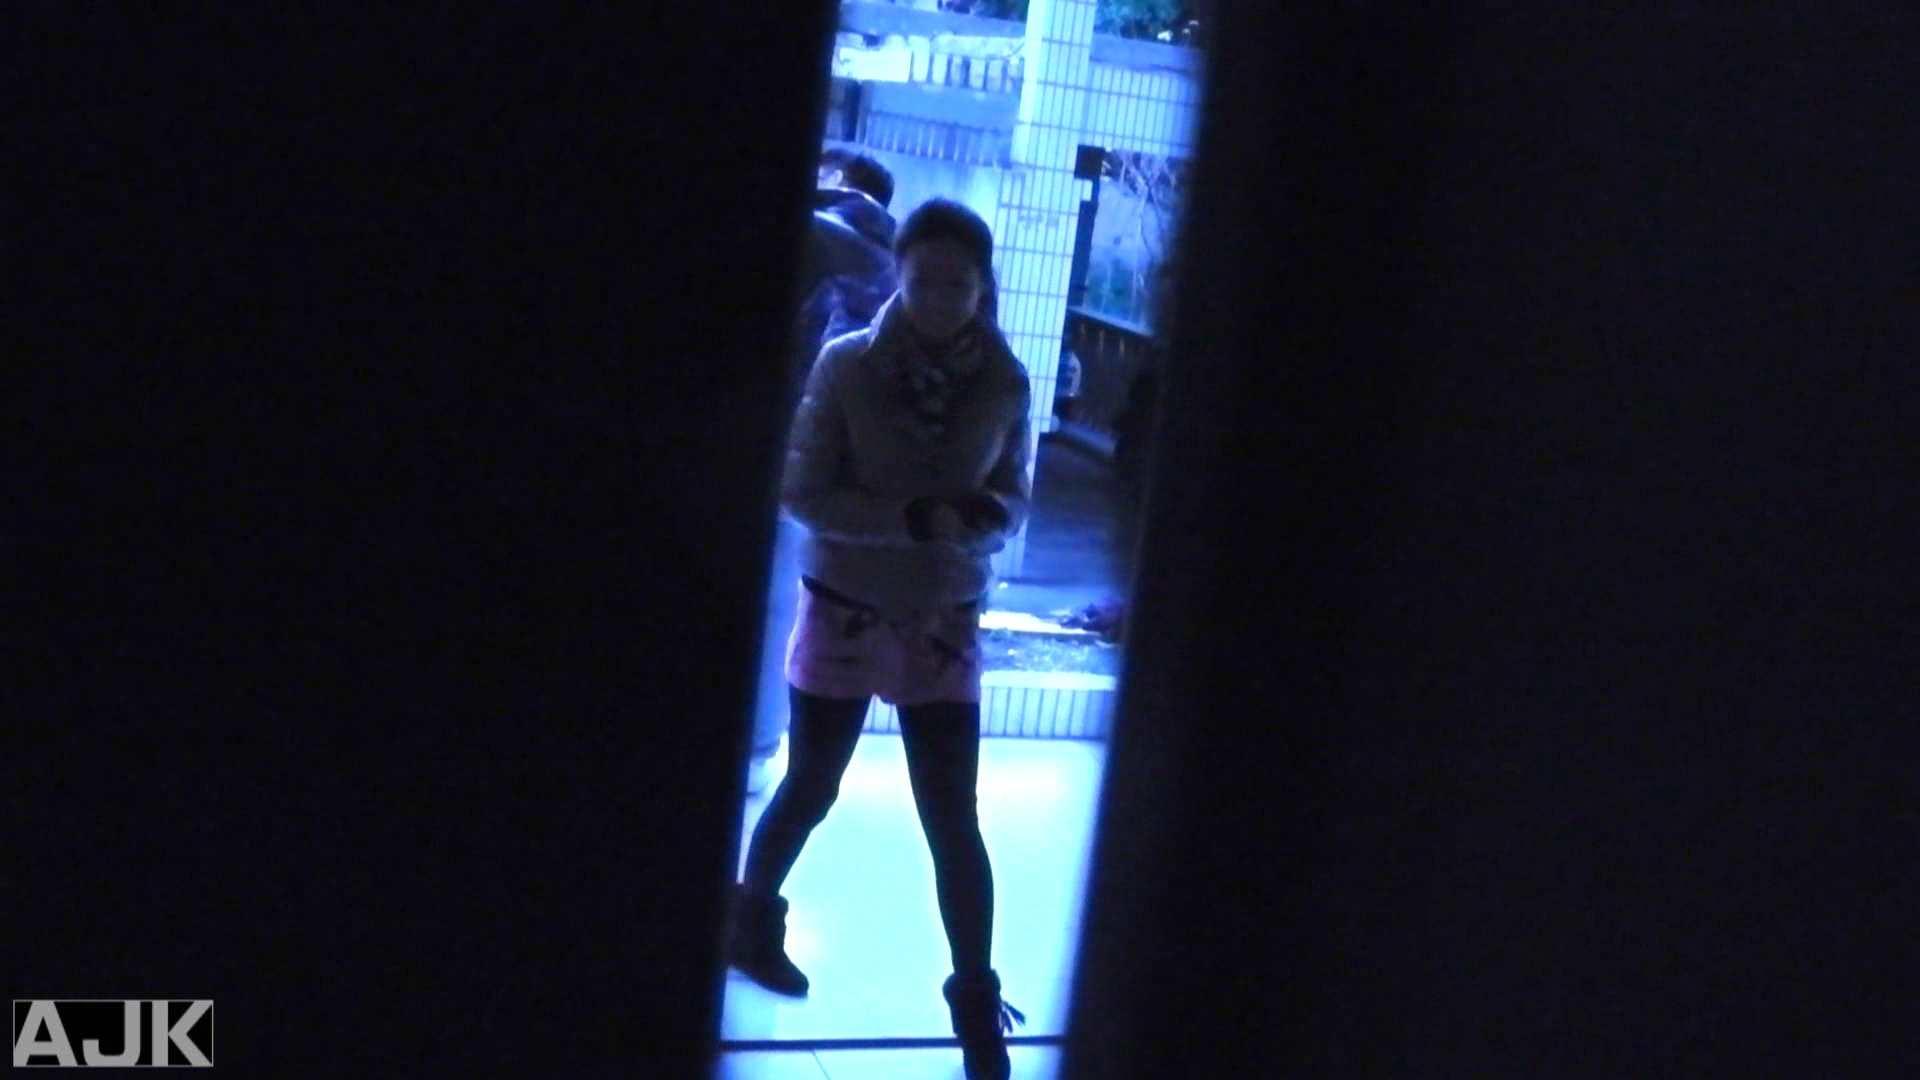 隣国上階級エリアの令嬢たちが集うデパートお手洗い Vol.07 オマンコ見放題 オメコ動画キャプチャ 111枚 94